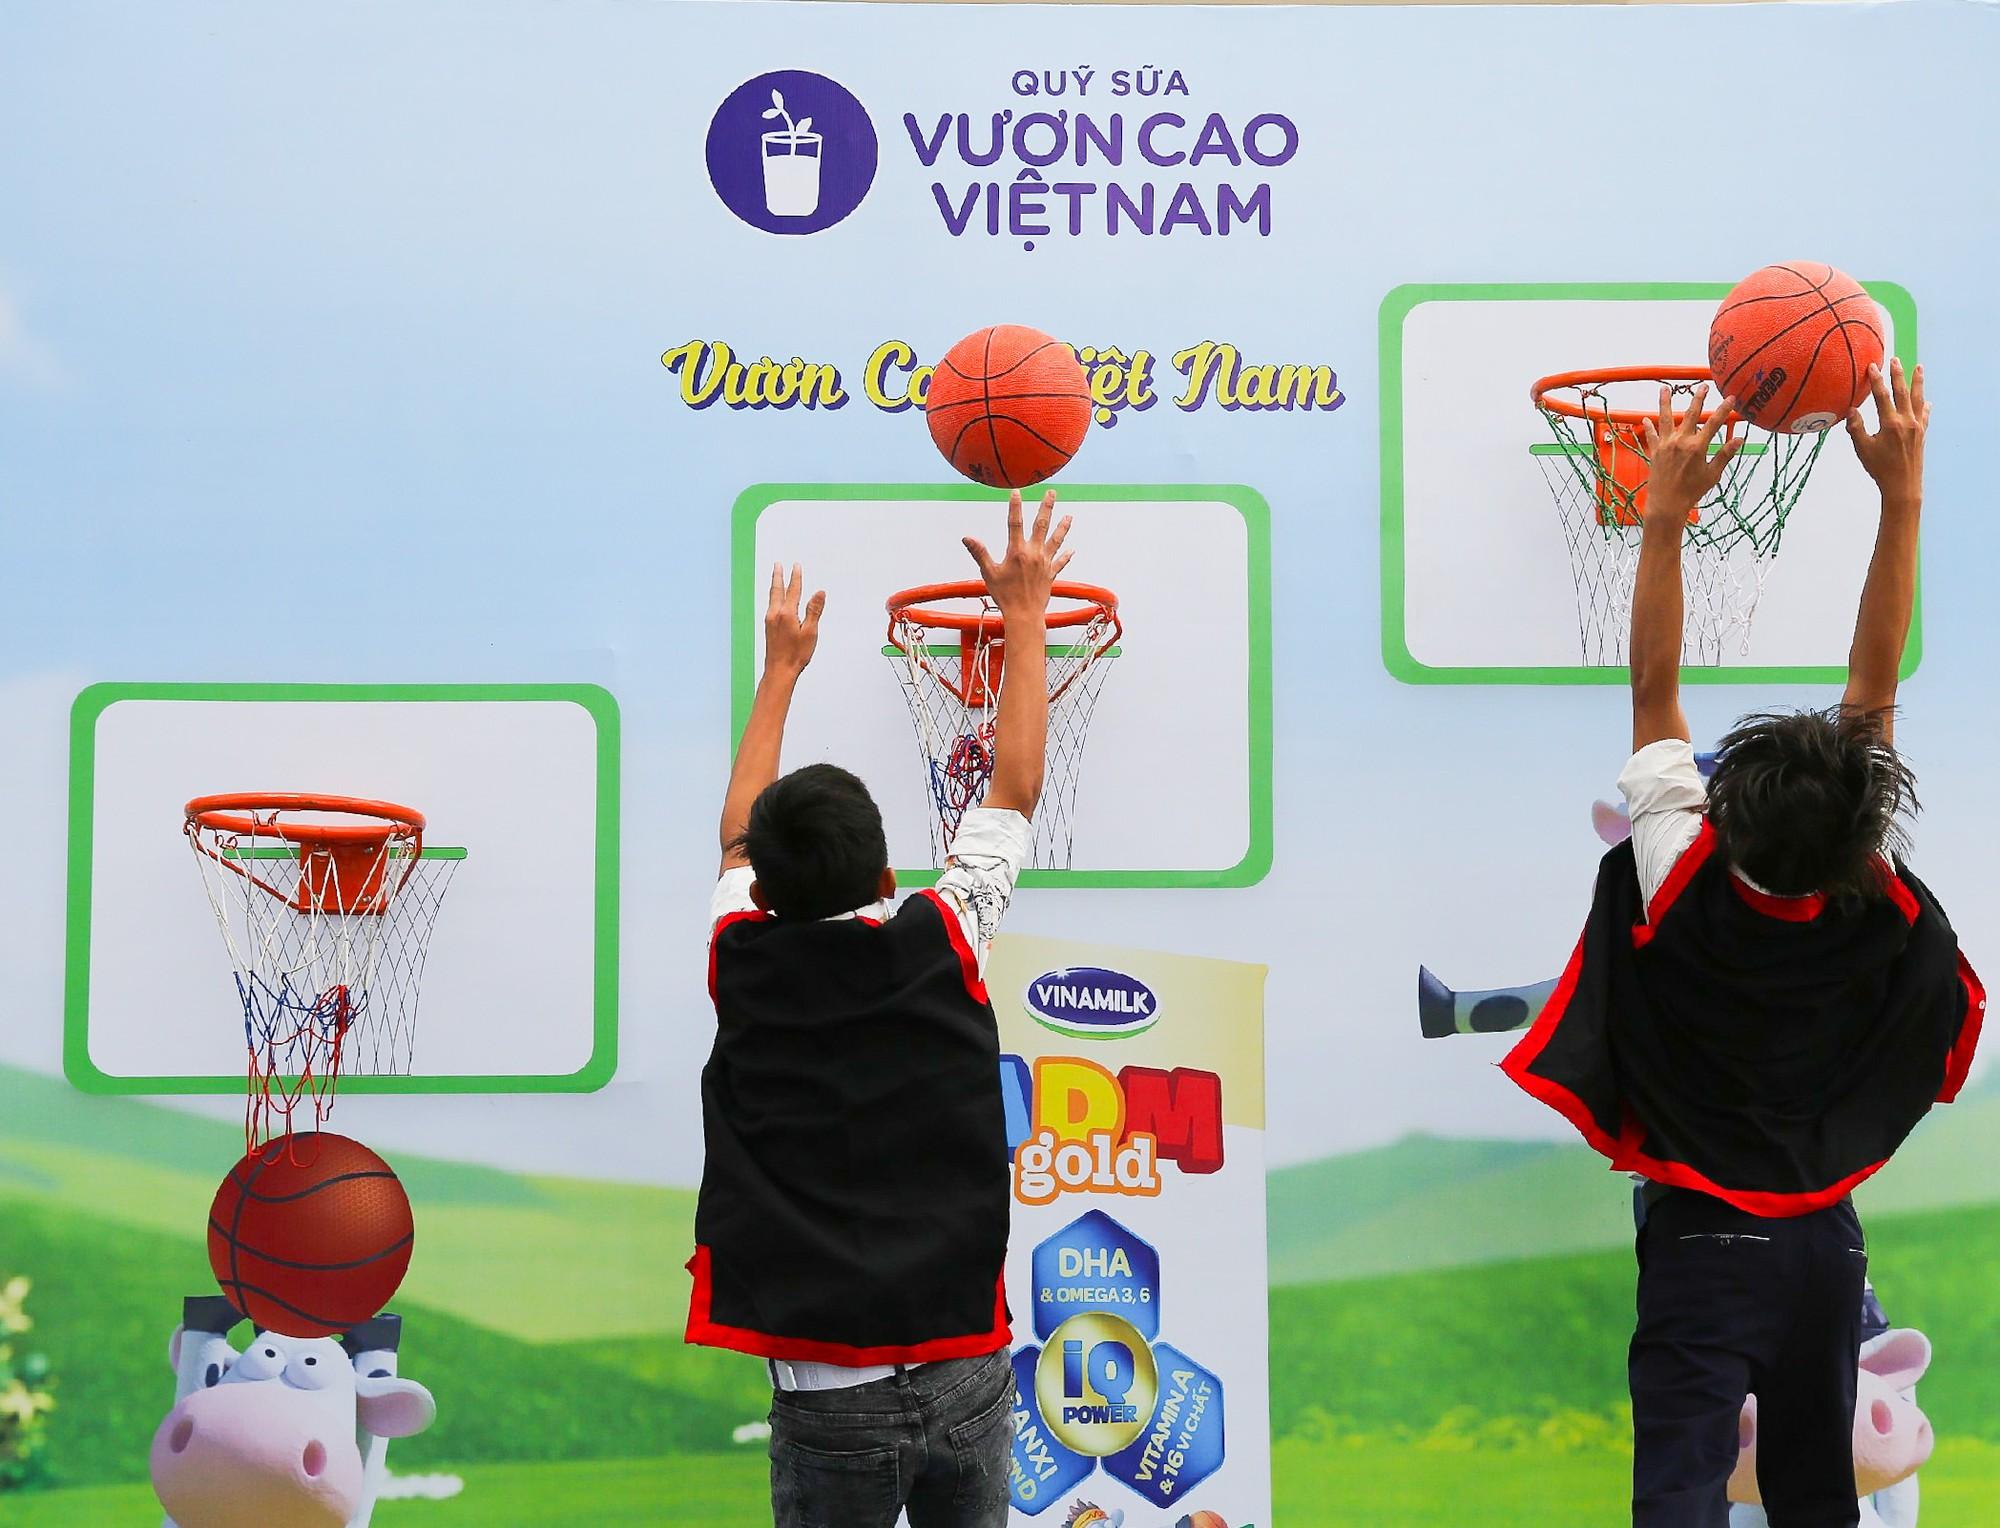 Quỹ sữa Vươn Cao Việt Nam: Để mọi trẻ em đều được uống sữa mỗi ngày - Ảnh 2.